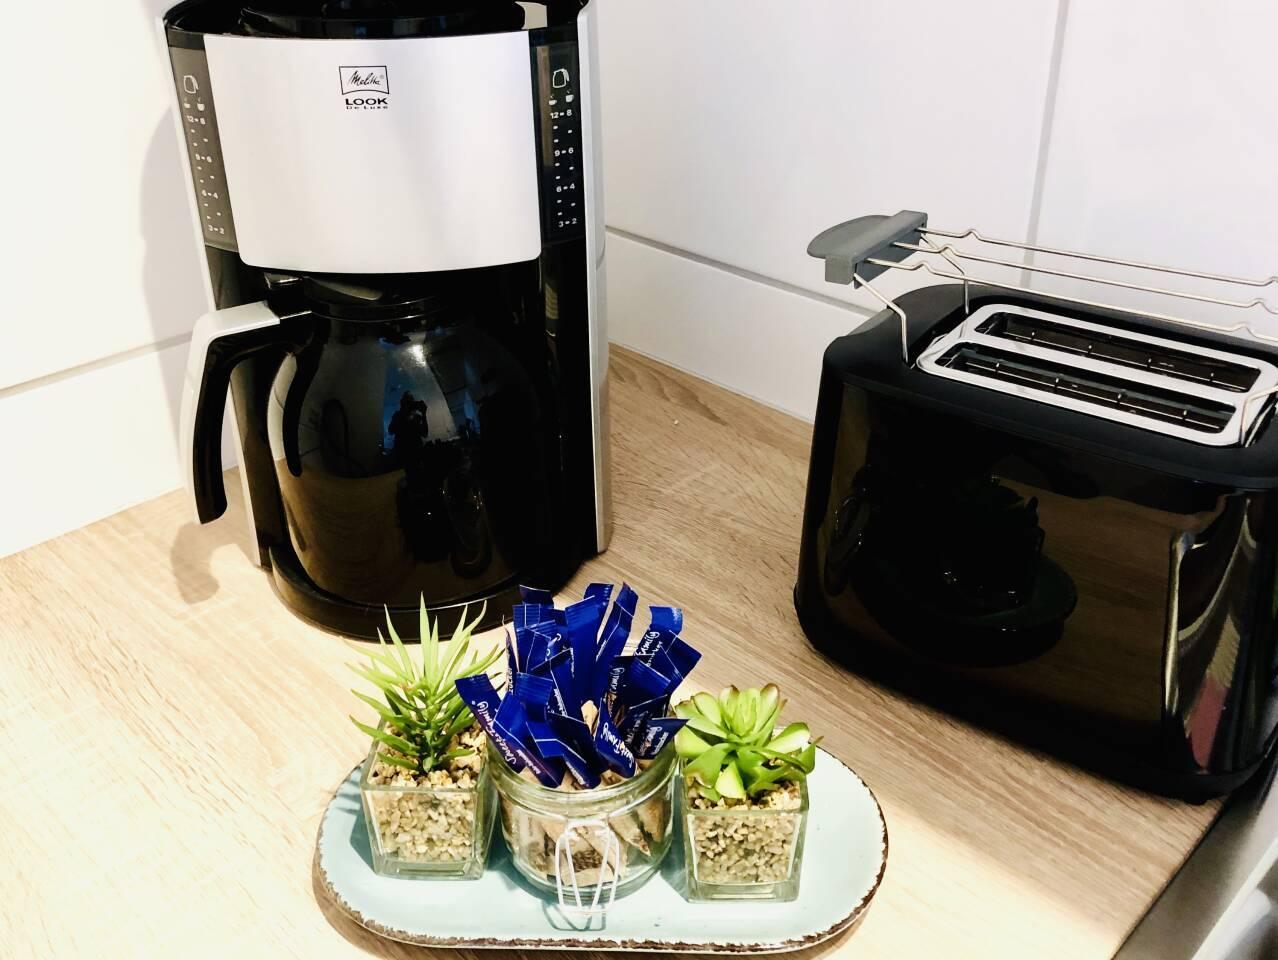 Frischer Kaffee und Toast kann zubereitet werden